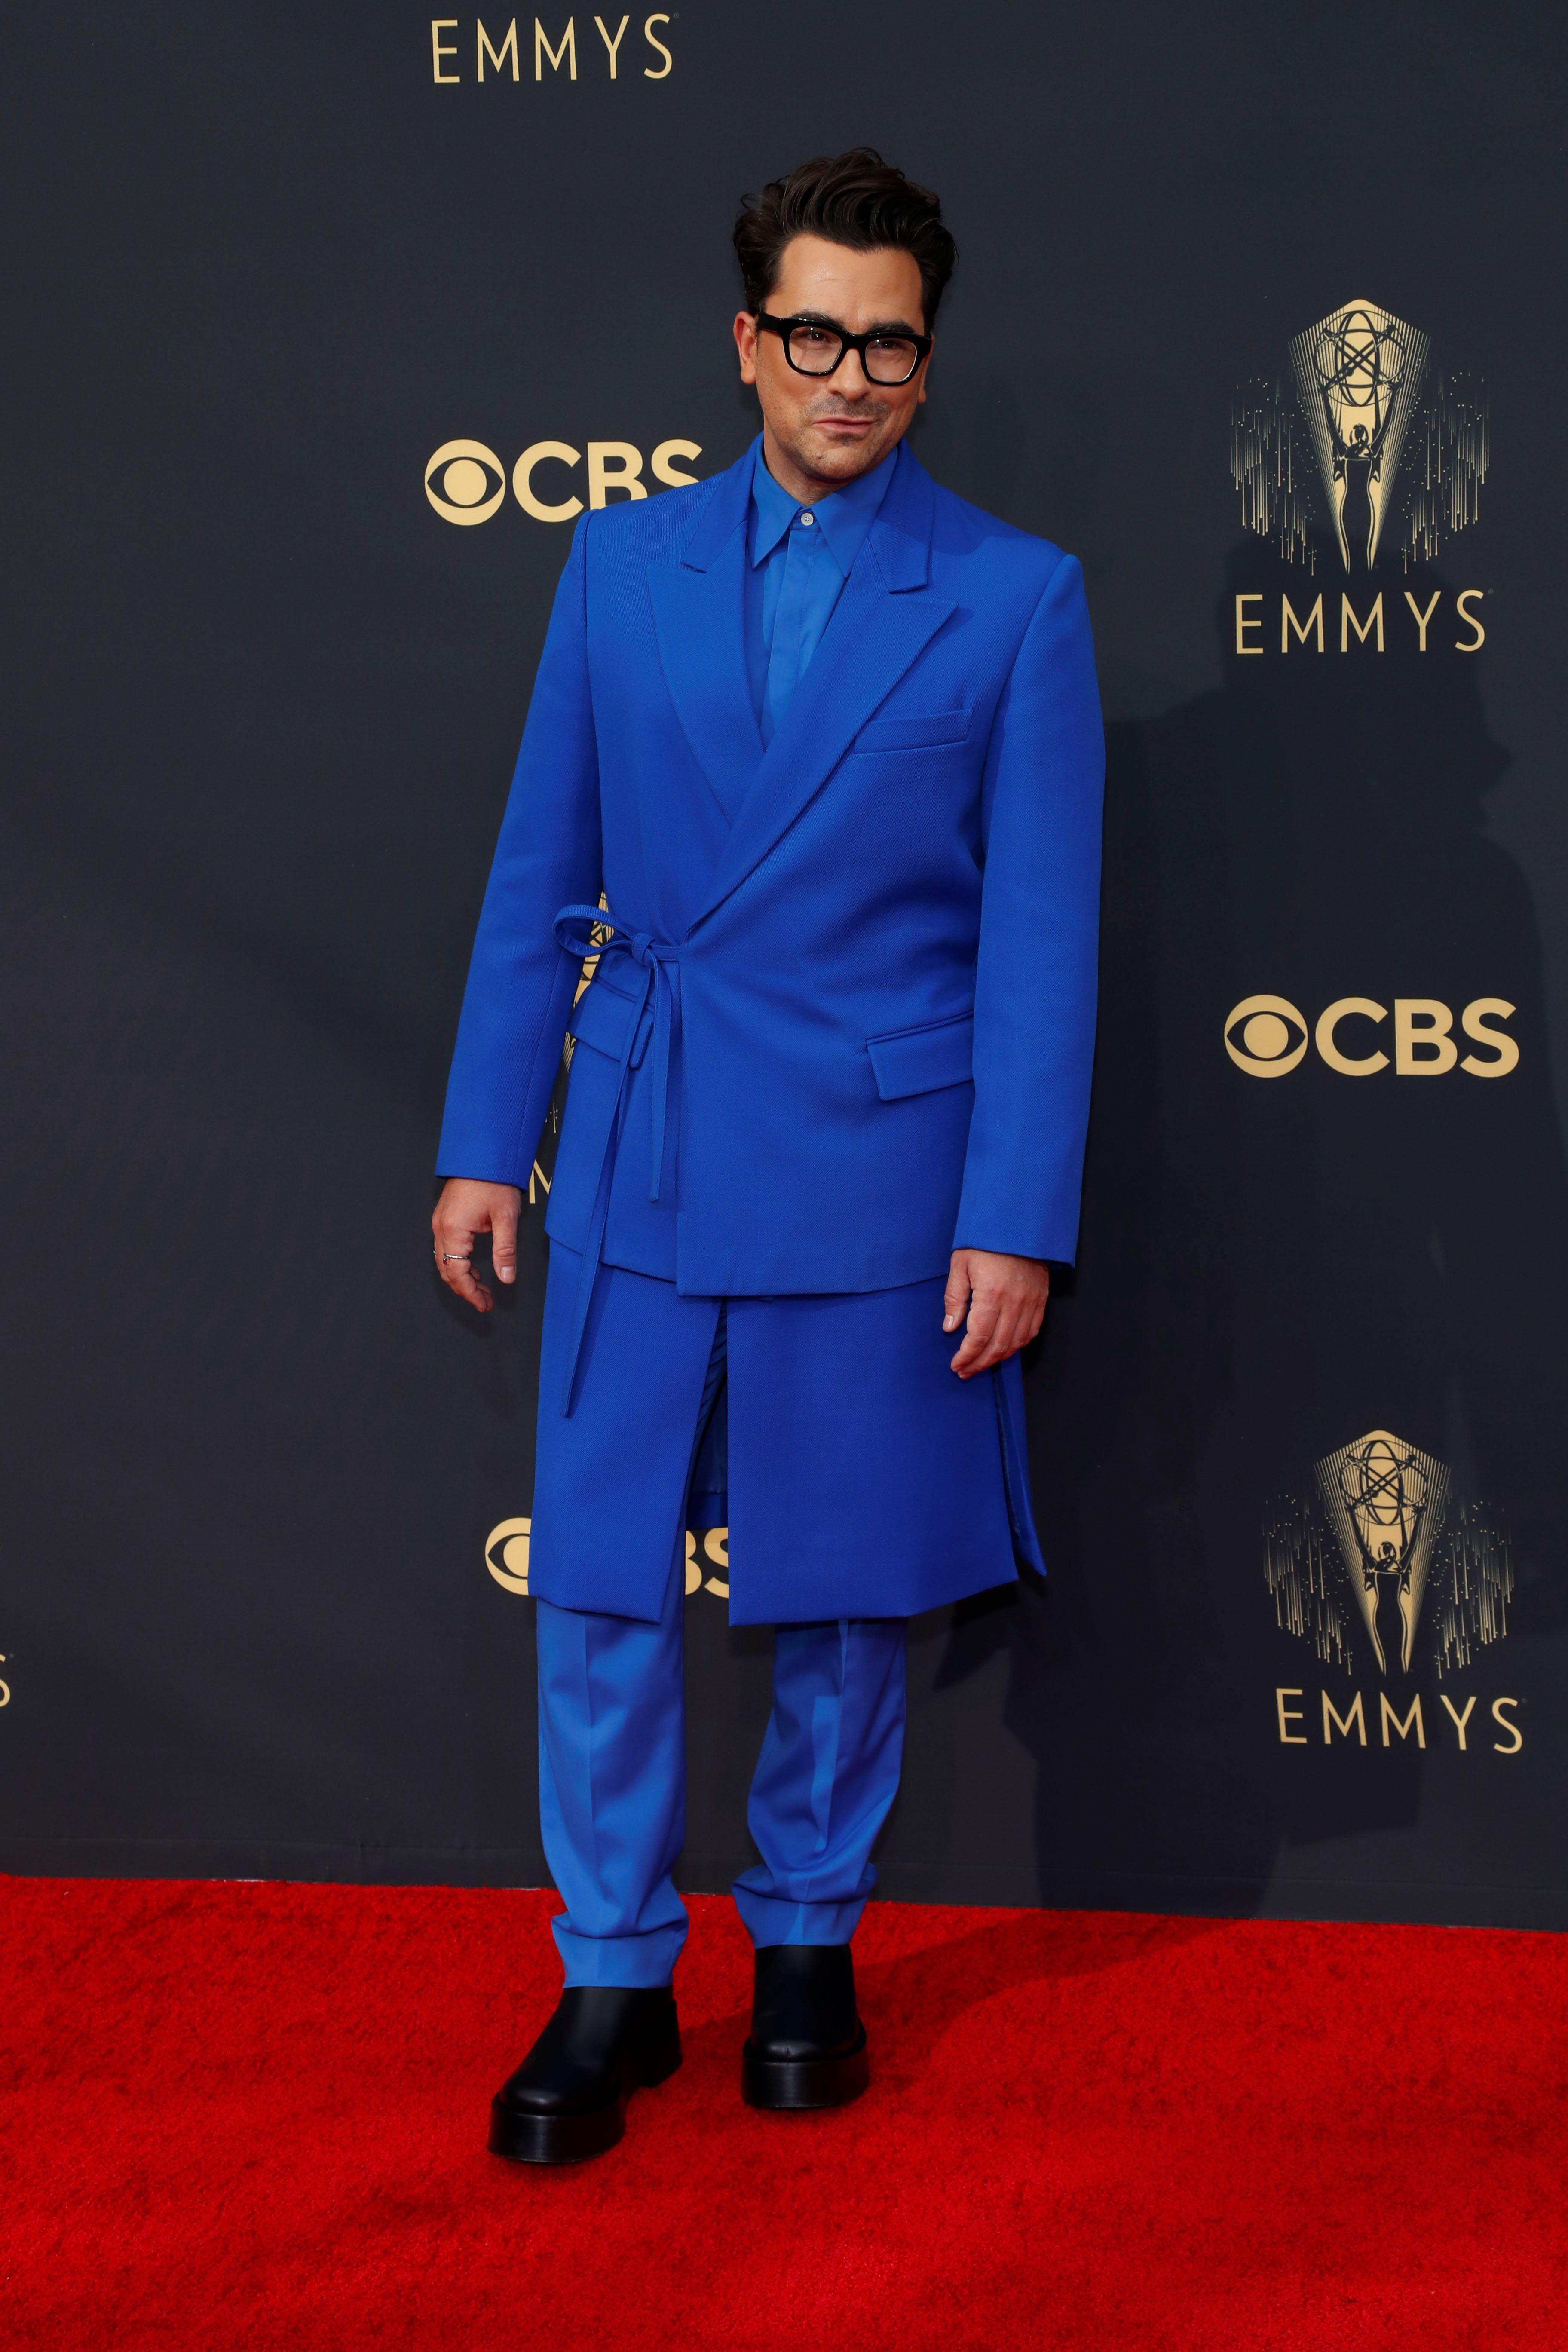 """Dan Levy - Según Profumo, """"¡es excesivo el outfit con el color ! Abruma la vista ! Completamente ridiculizado. Para llevar un outfit así, primeramente tenés que tener la actitud, este no sería el caso"""""""